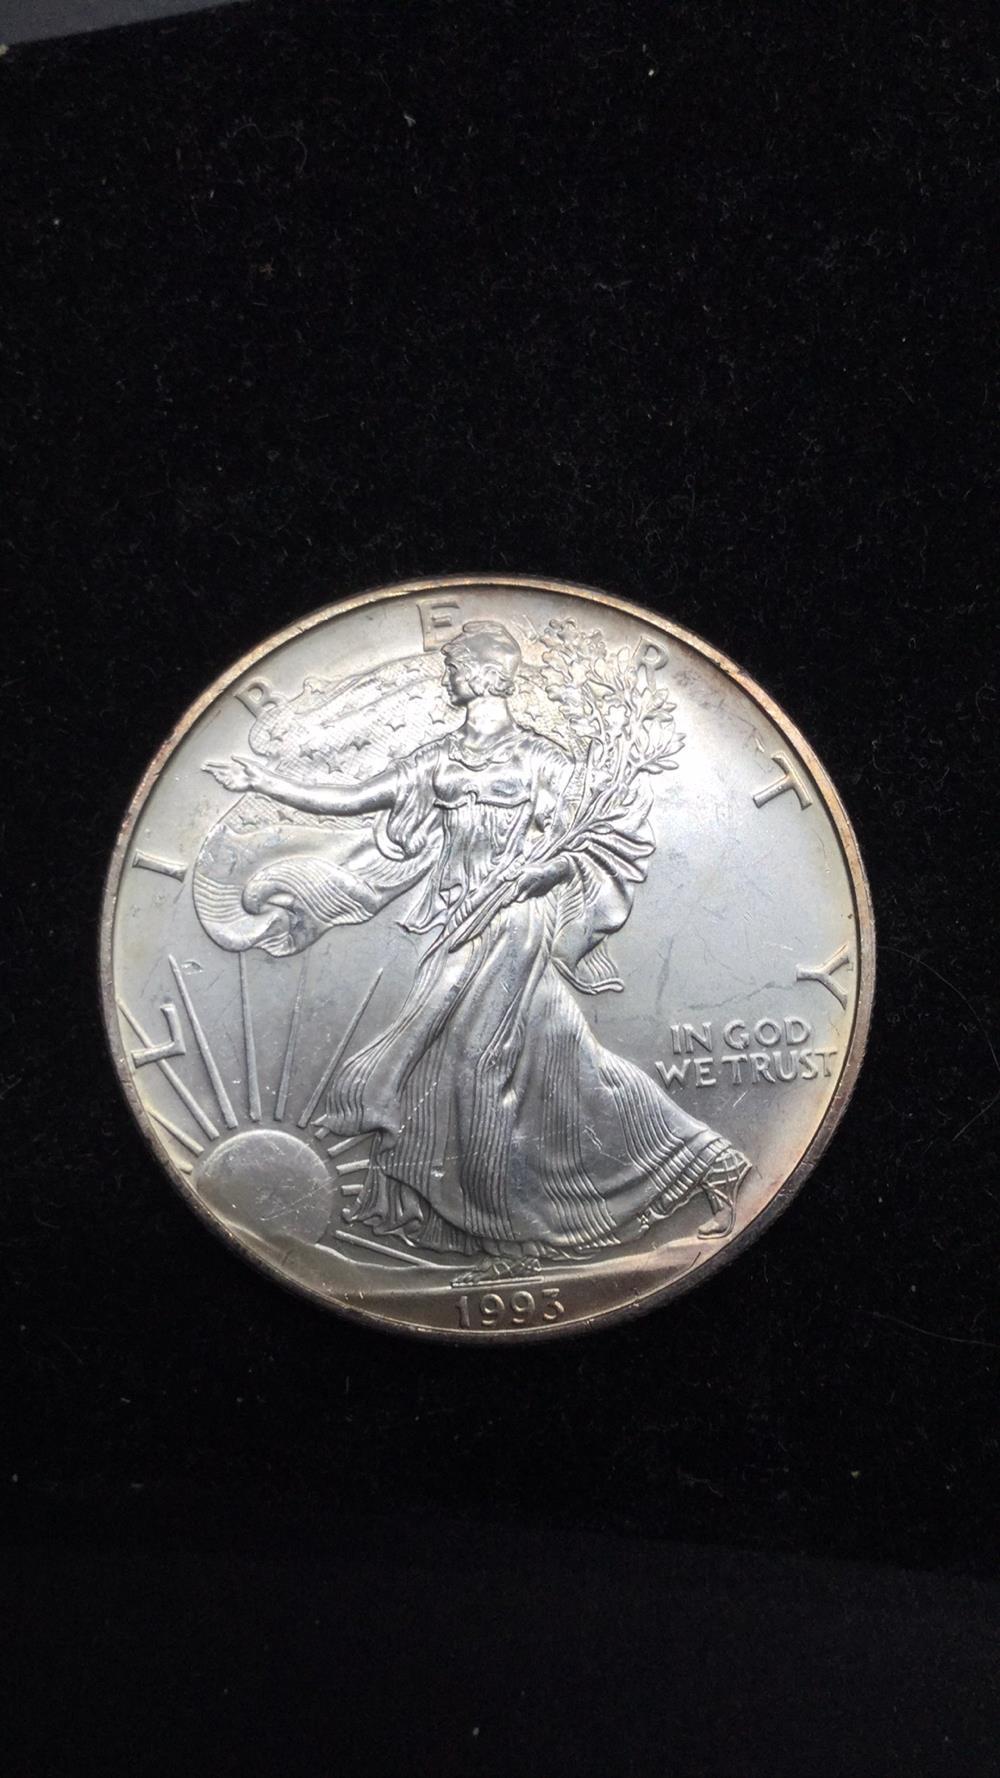 1993 American eagle dollar